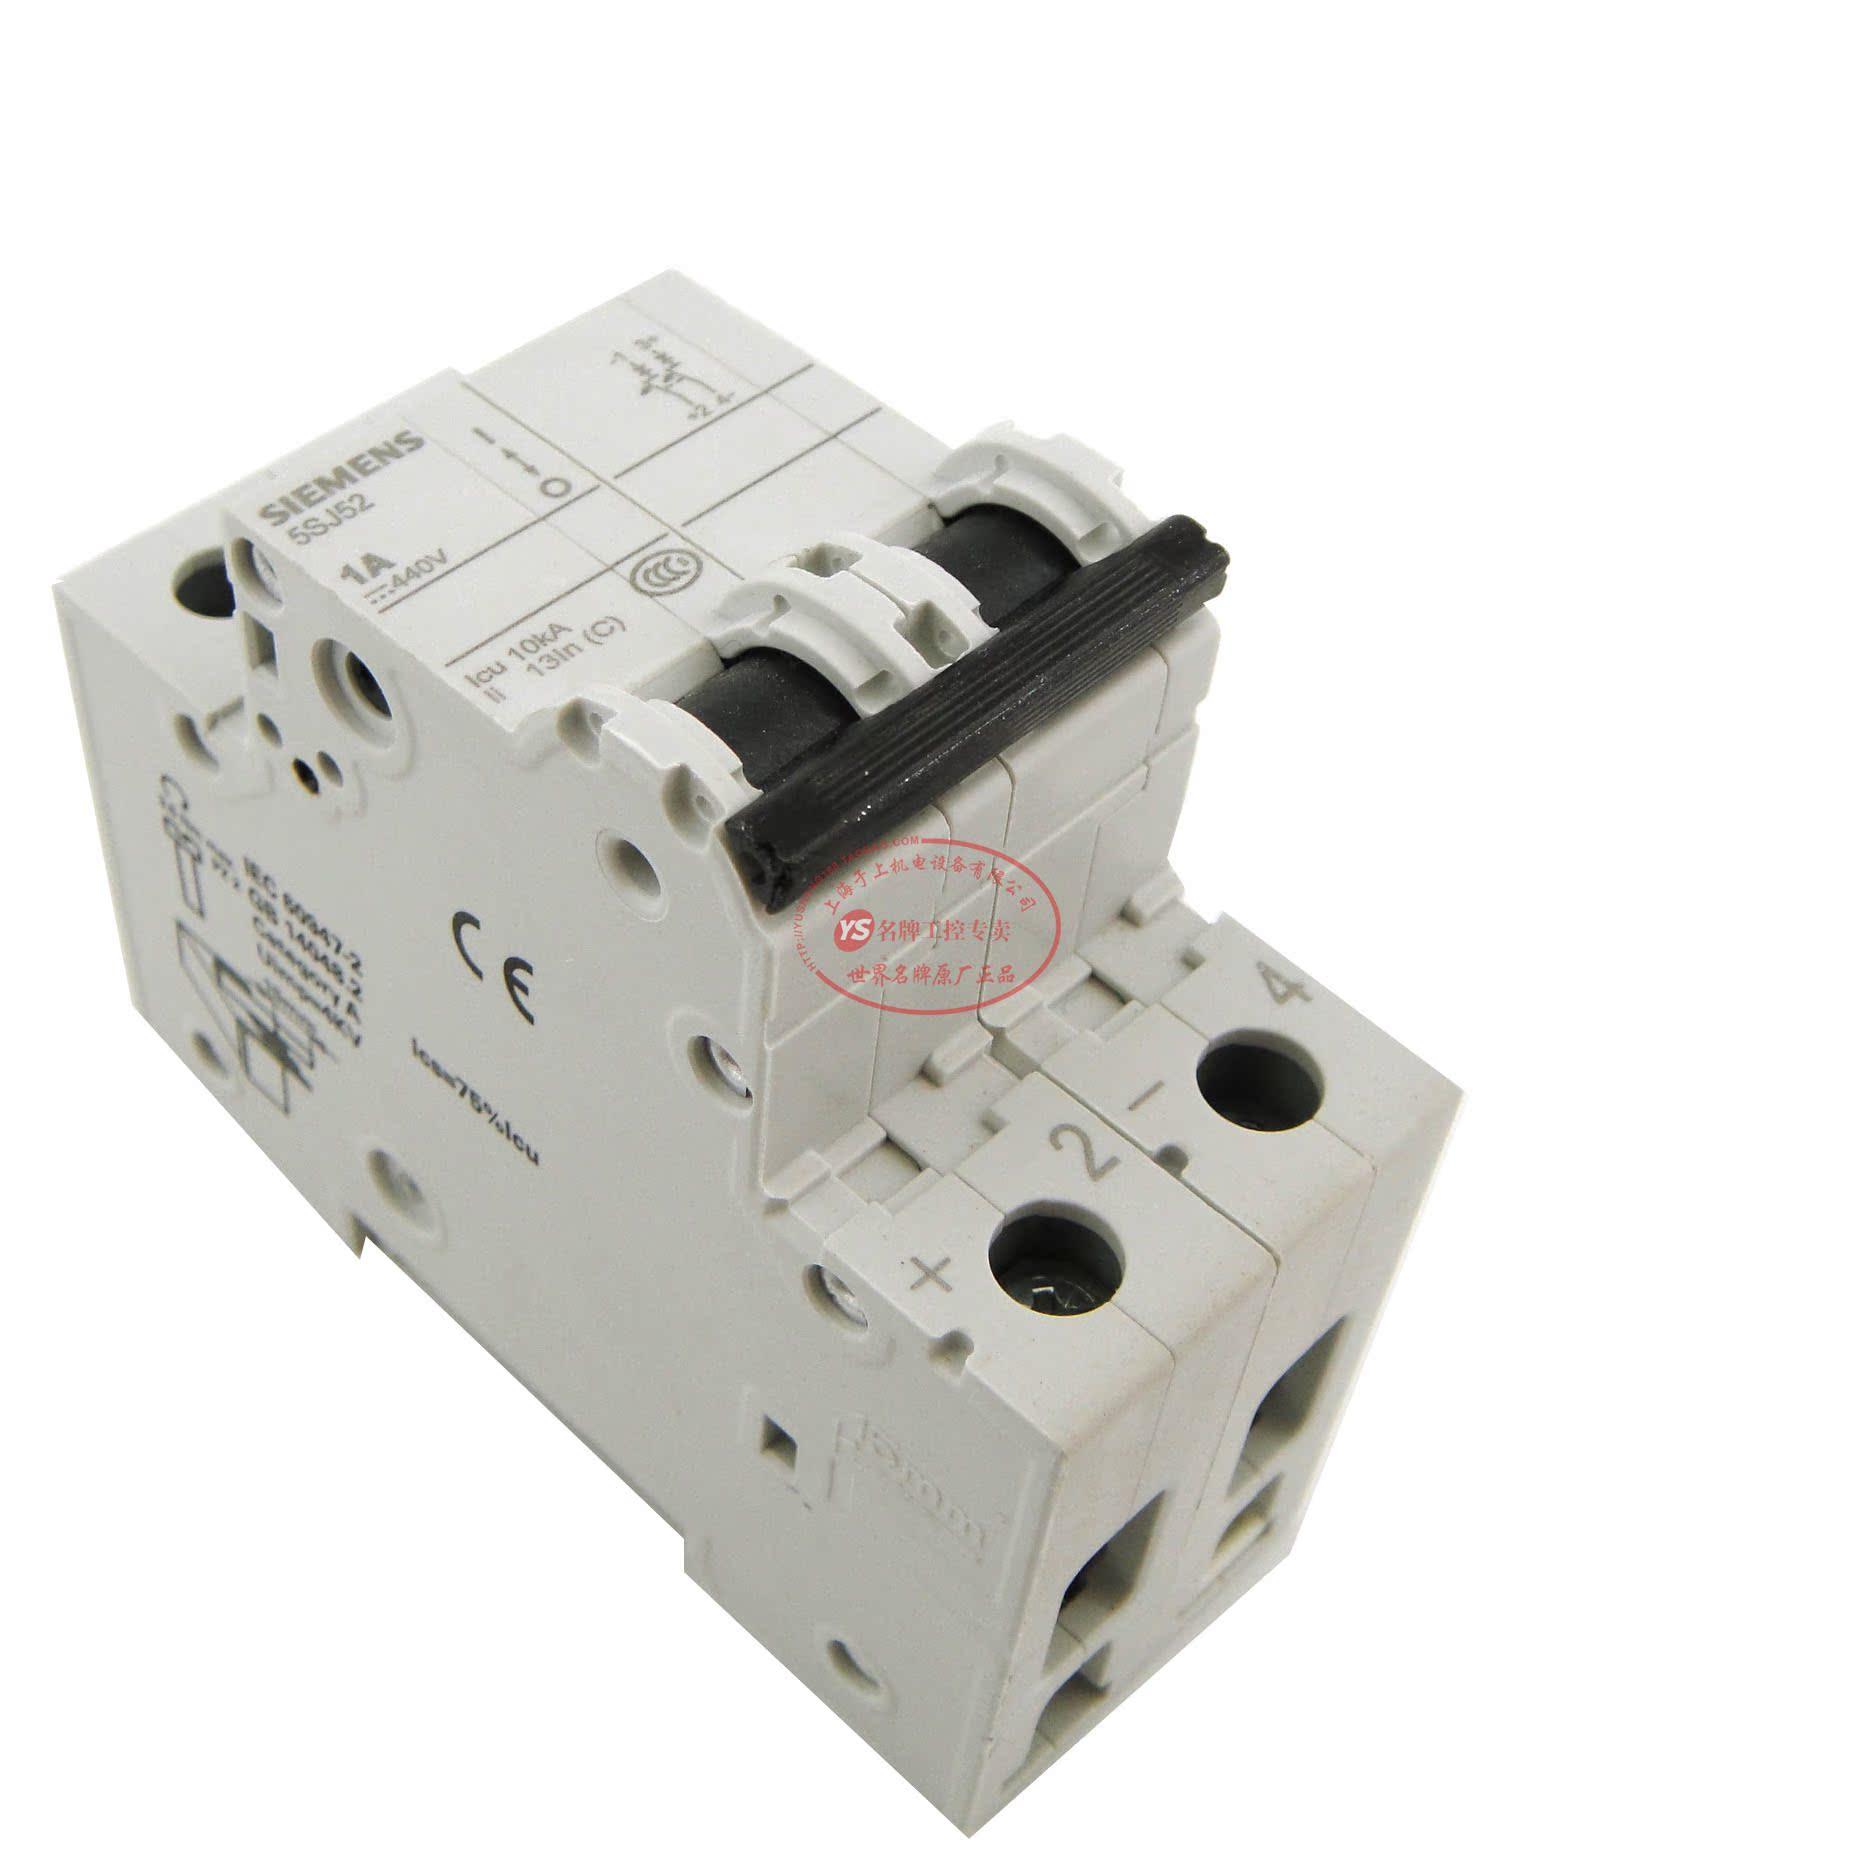 Автоматический выключатель Siemens 5SJ5201-7CC20 1PC1A